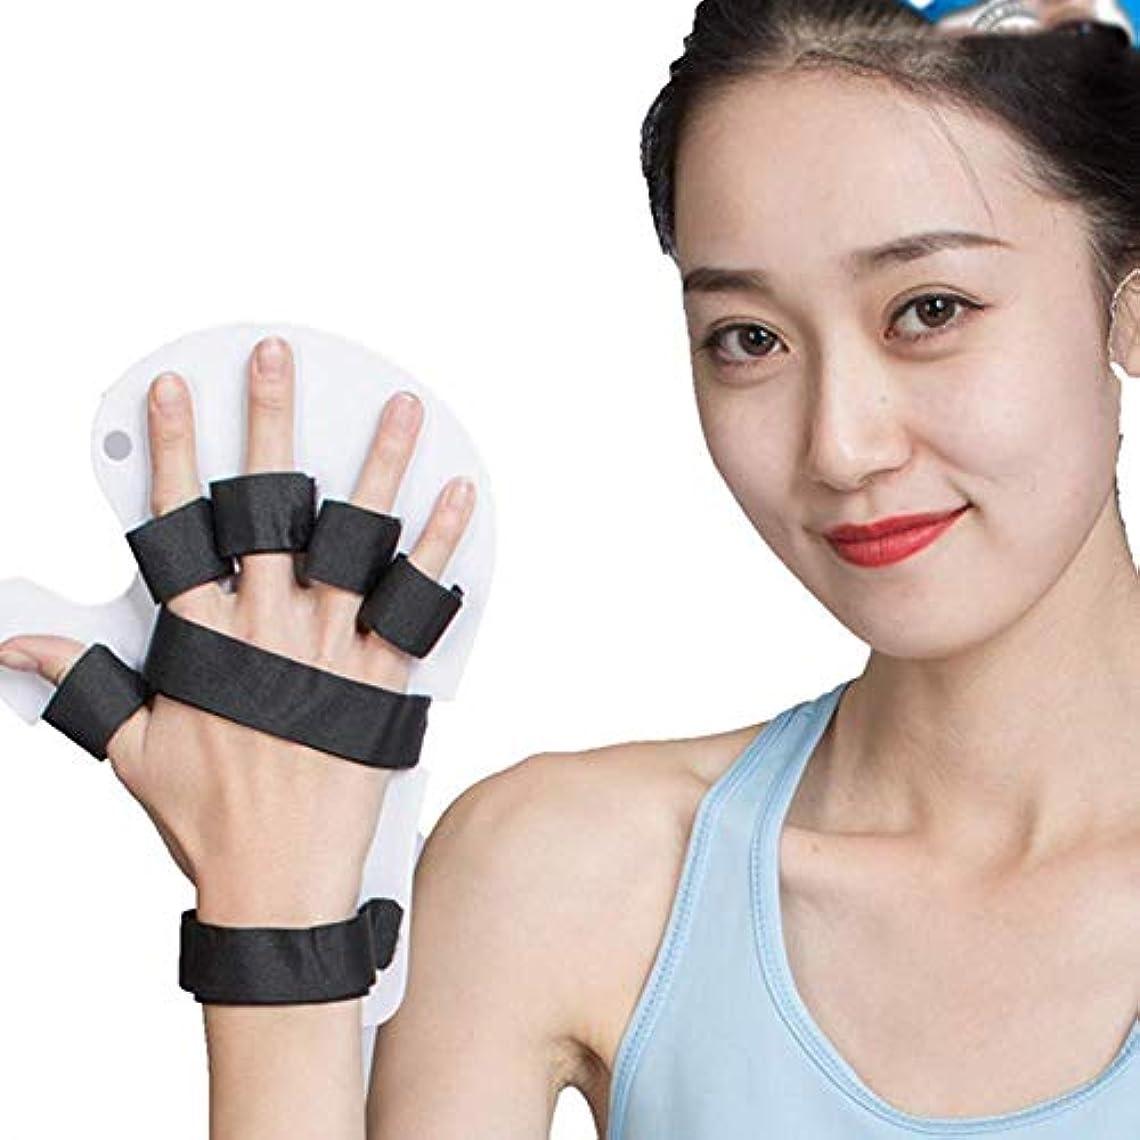 歪めるバドミントンレイアウトトリガー指スプリント、手首手サポート関節炎指スプリント、サポート親指サポート、男性女性右手左手使用